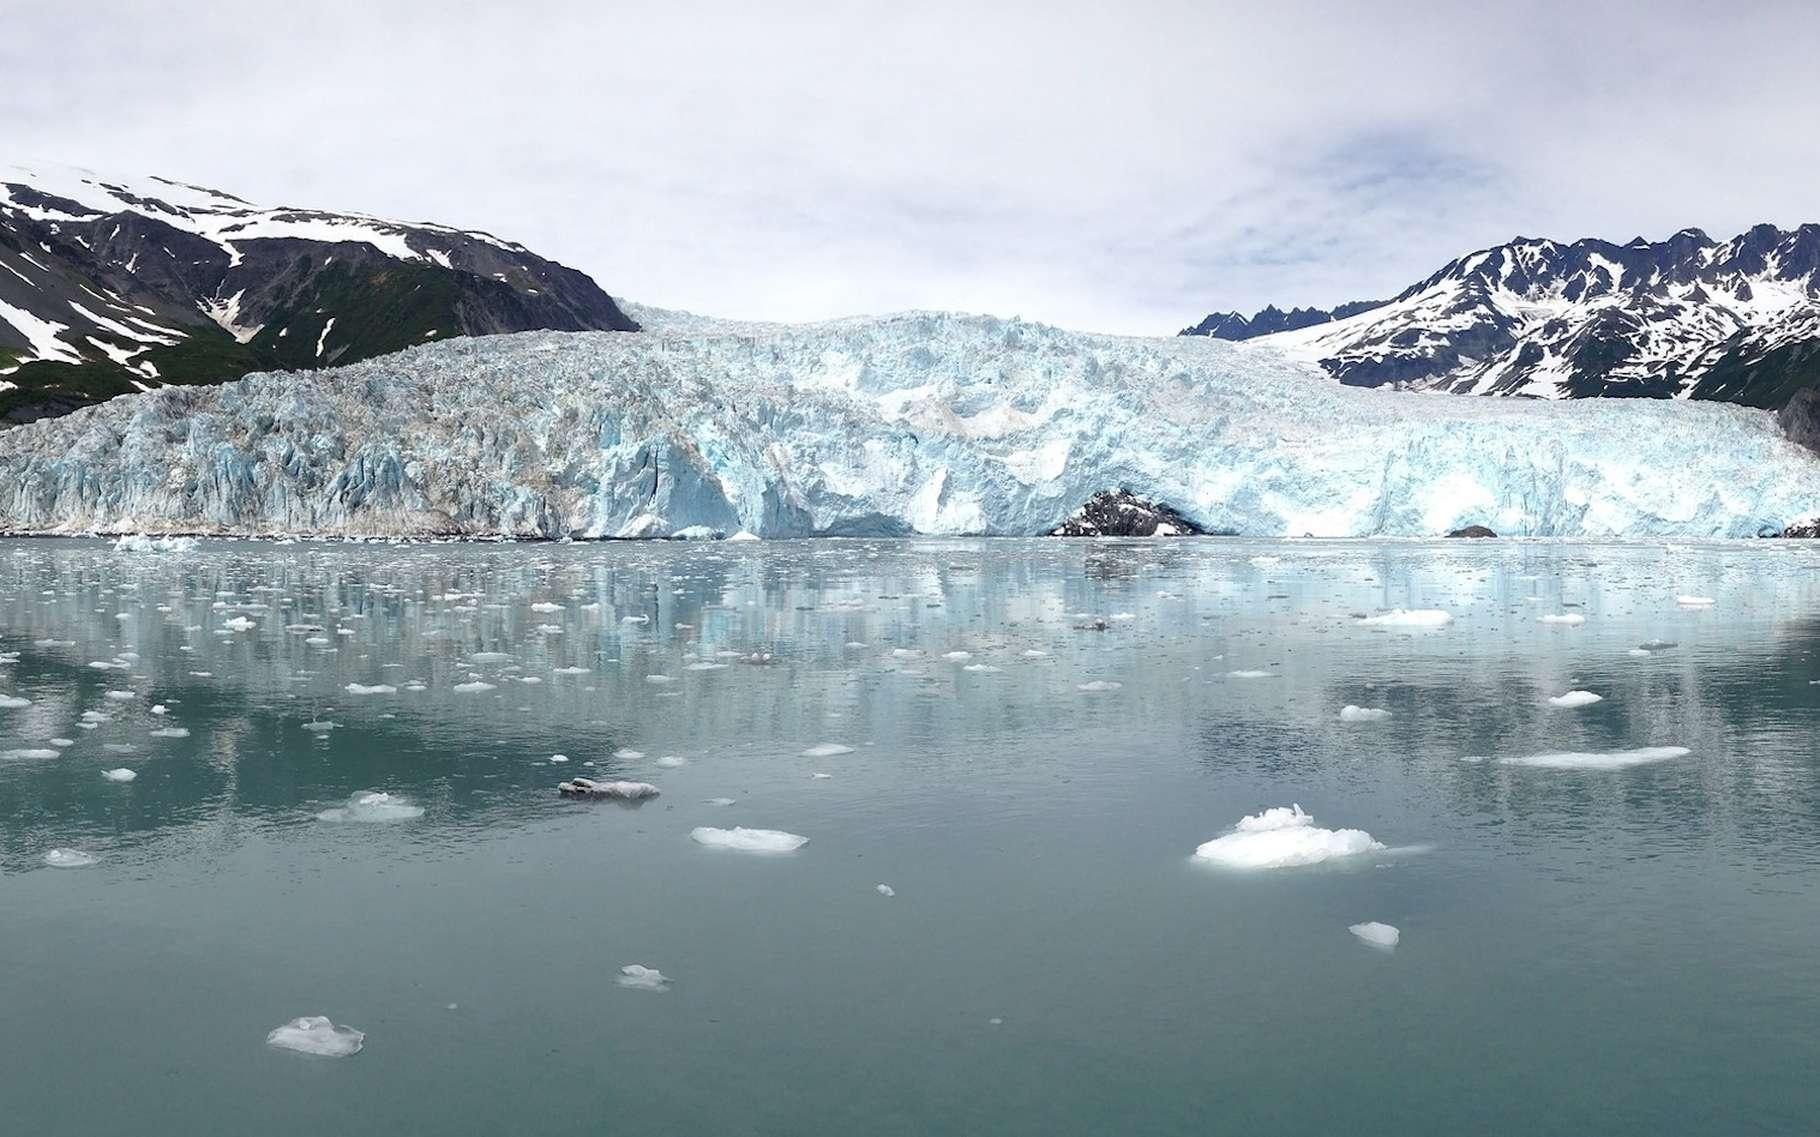 Le climat polaire est caractérisé par des températures extrêmement basses. © notarylaw, Pixabay, CC0 Creative Commons